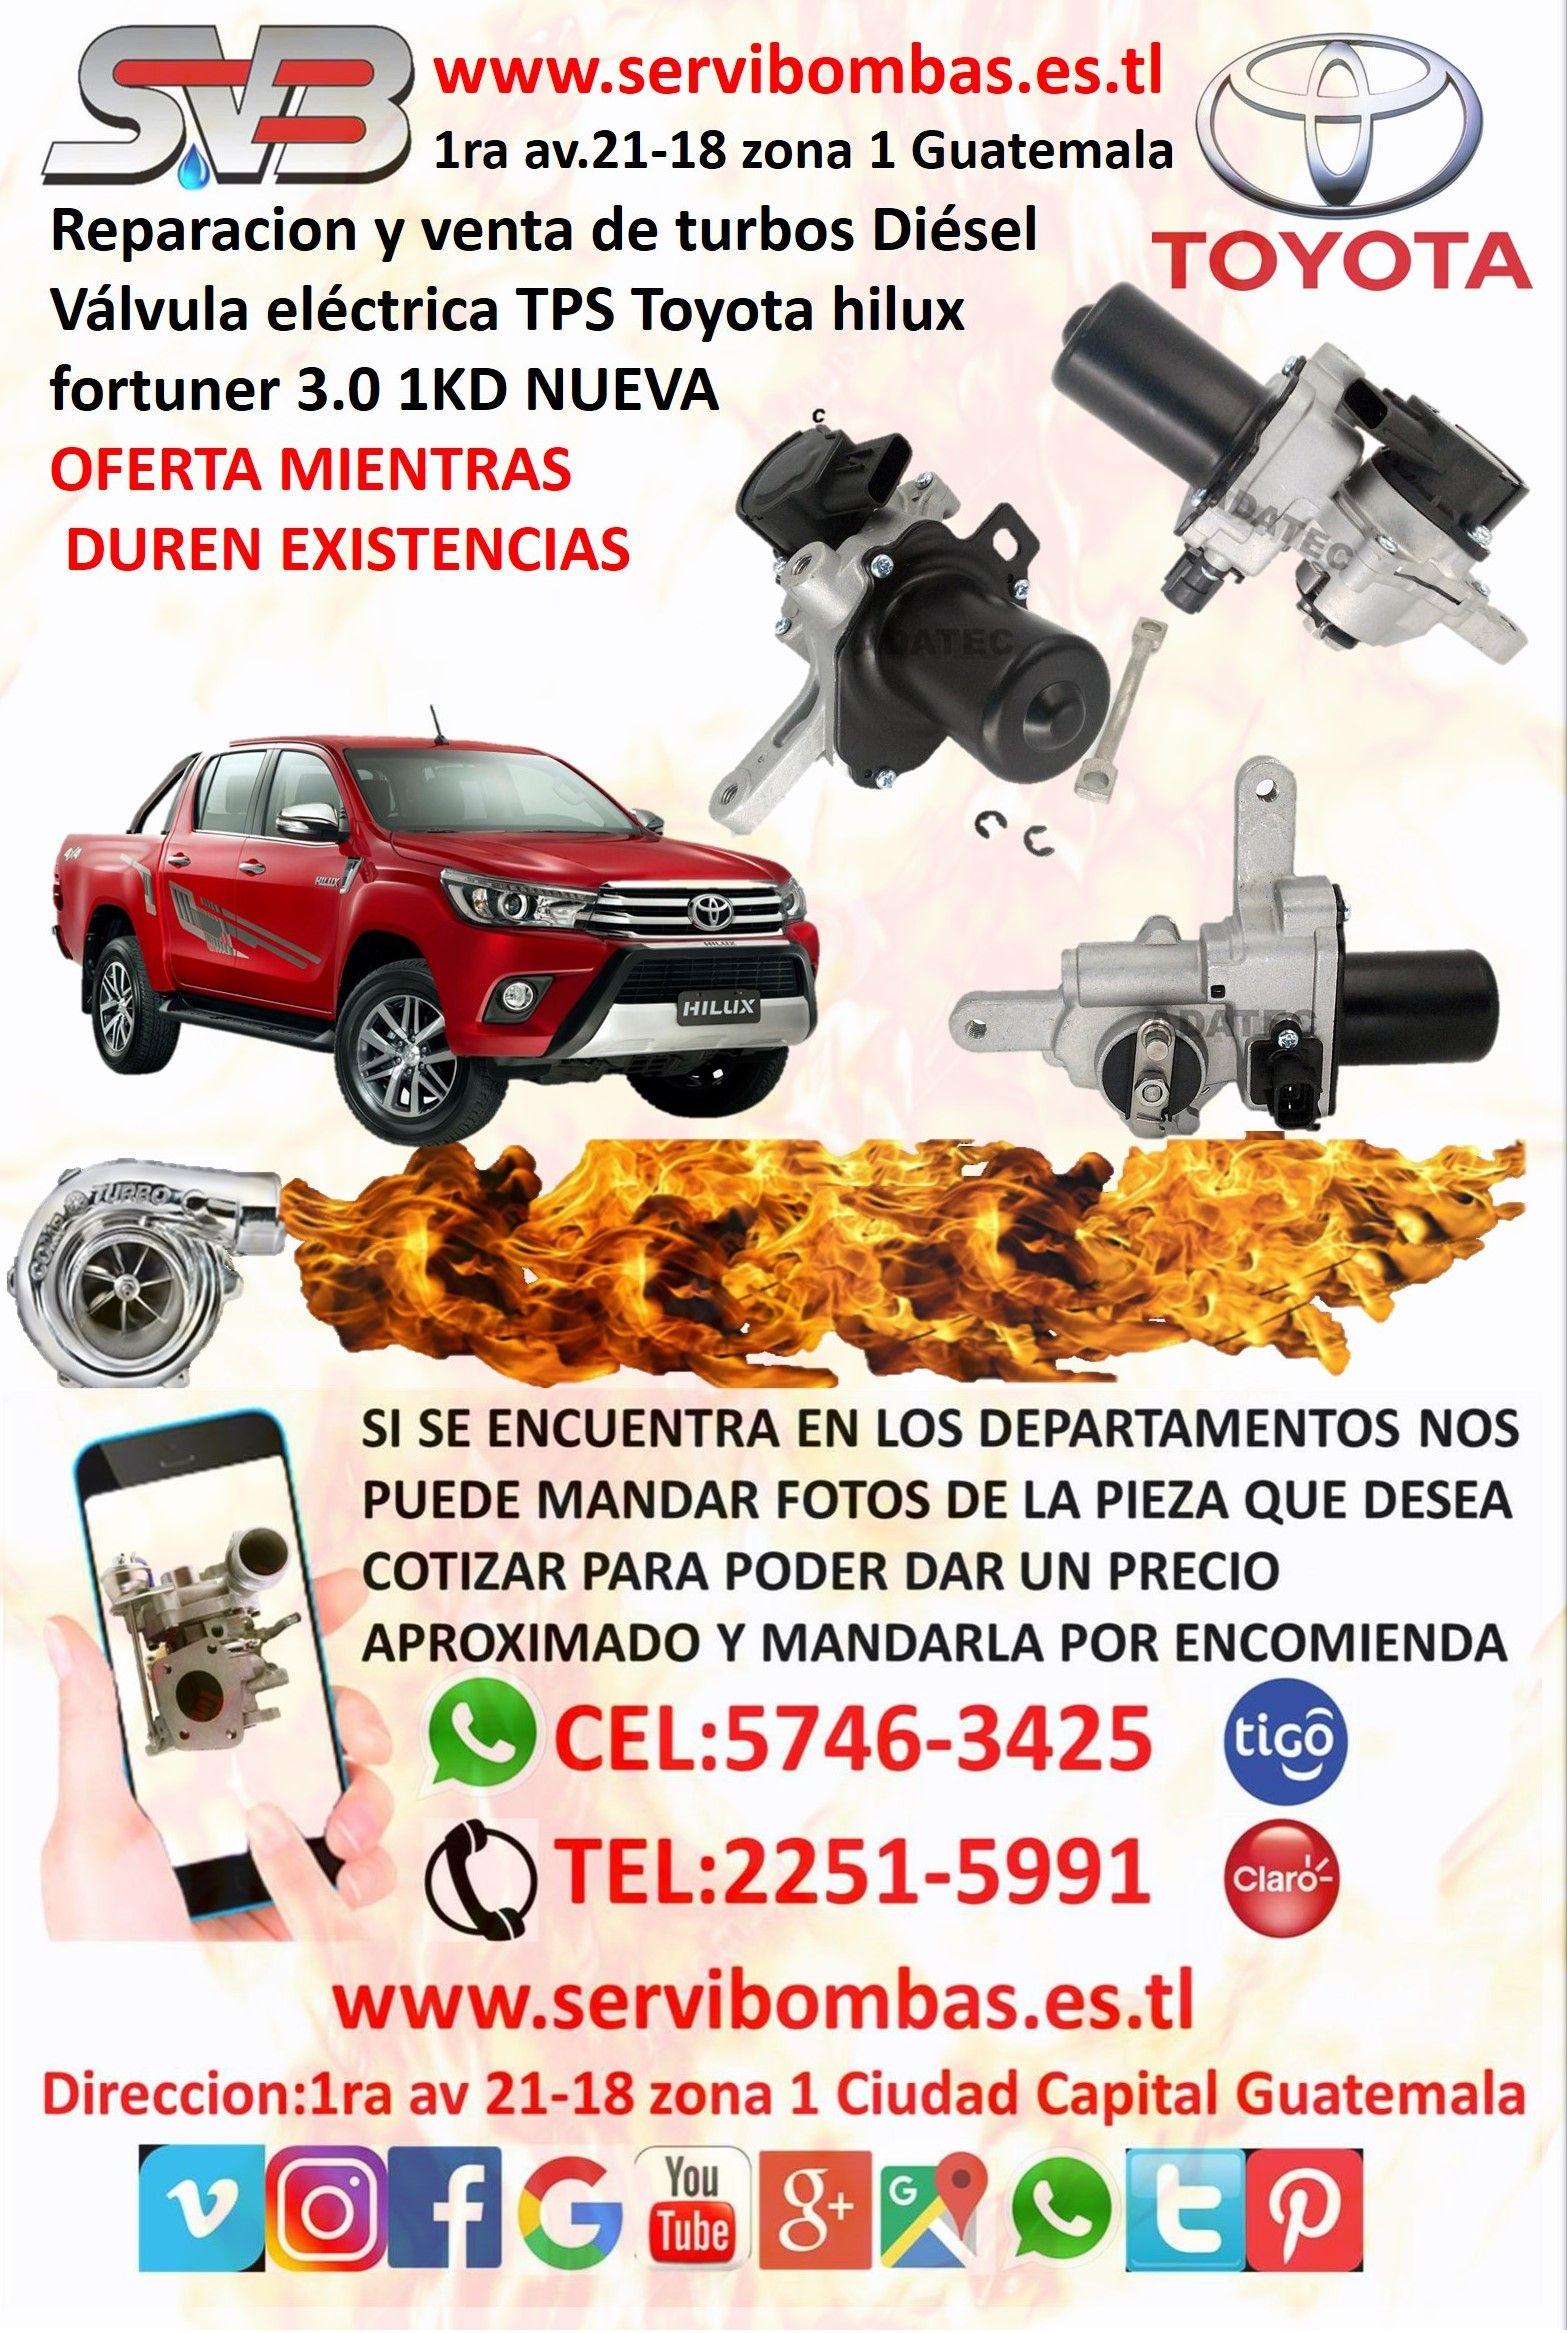 Compro Mitsubishi L200 En Guatemala Valvula Tps 1kd Tps Guatemala Valvula Electrica Tps 1kd 3 0